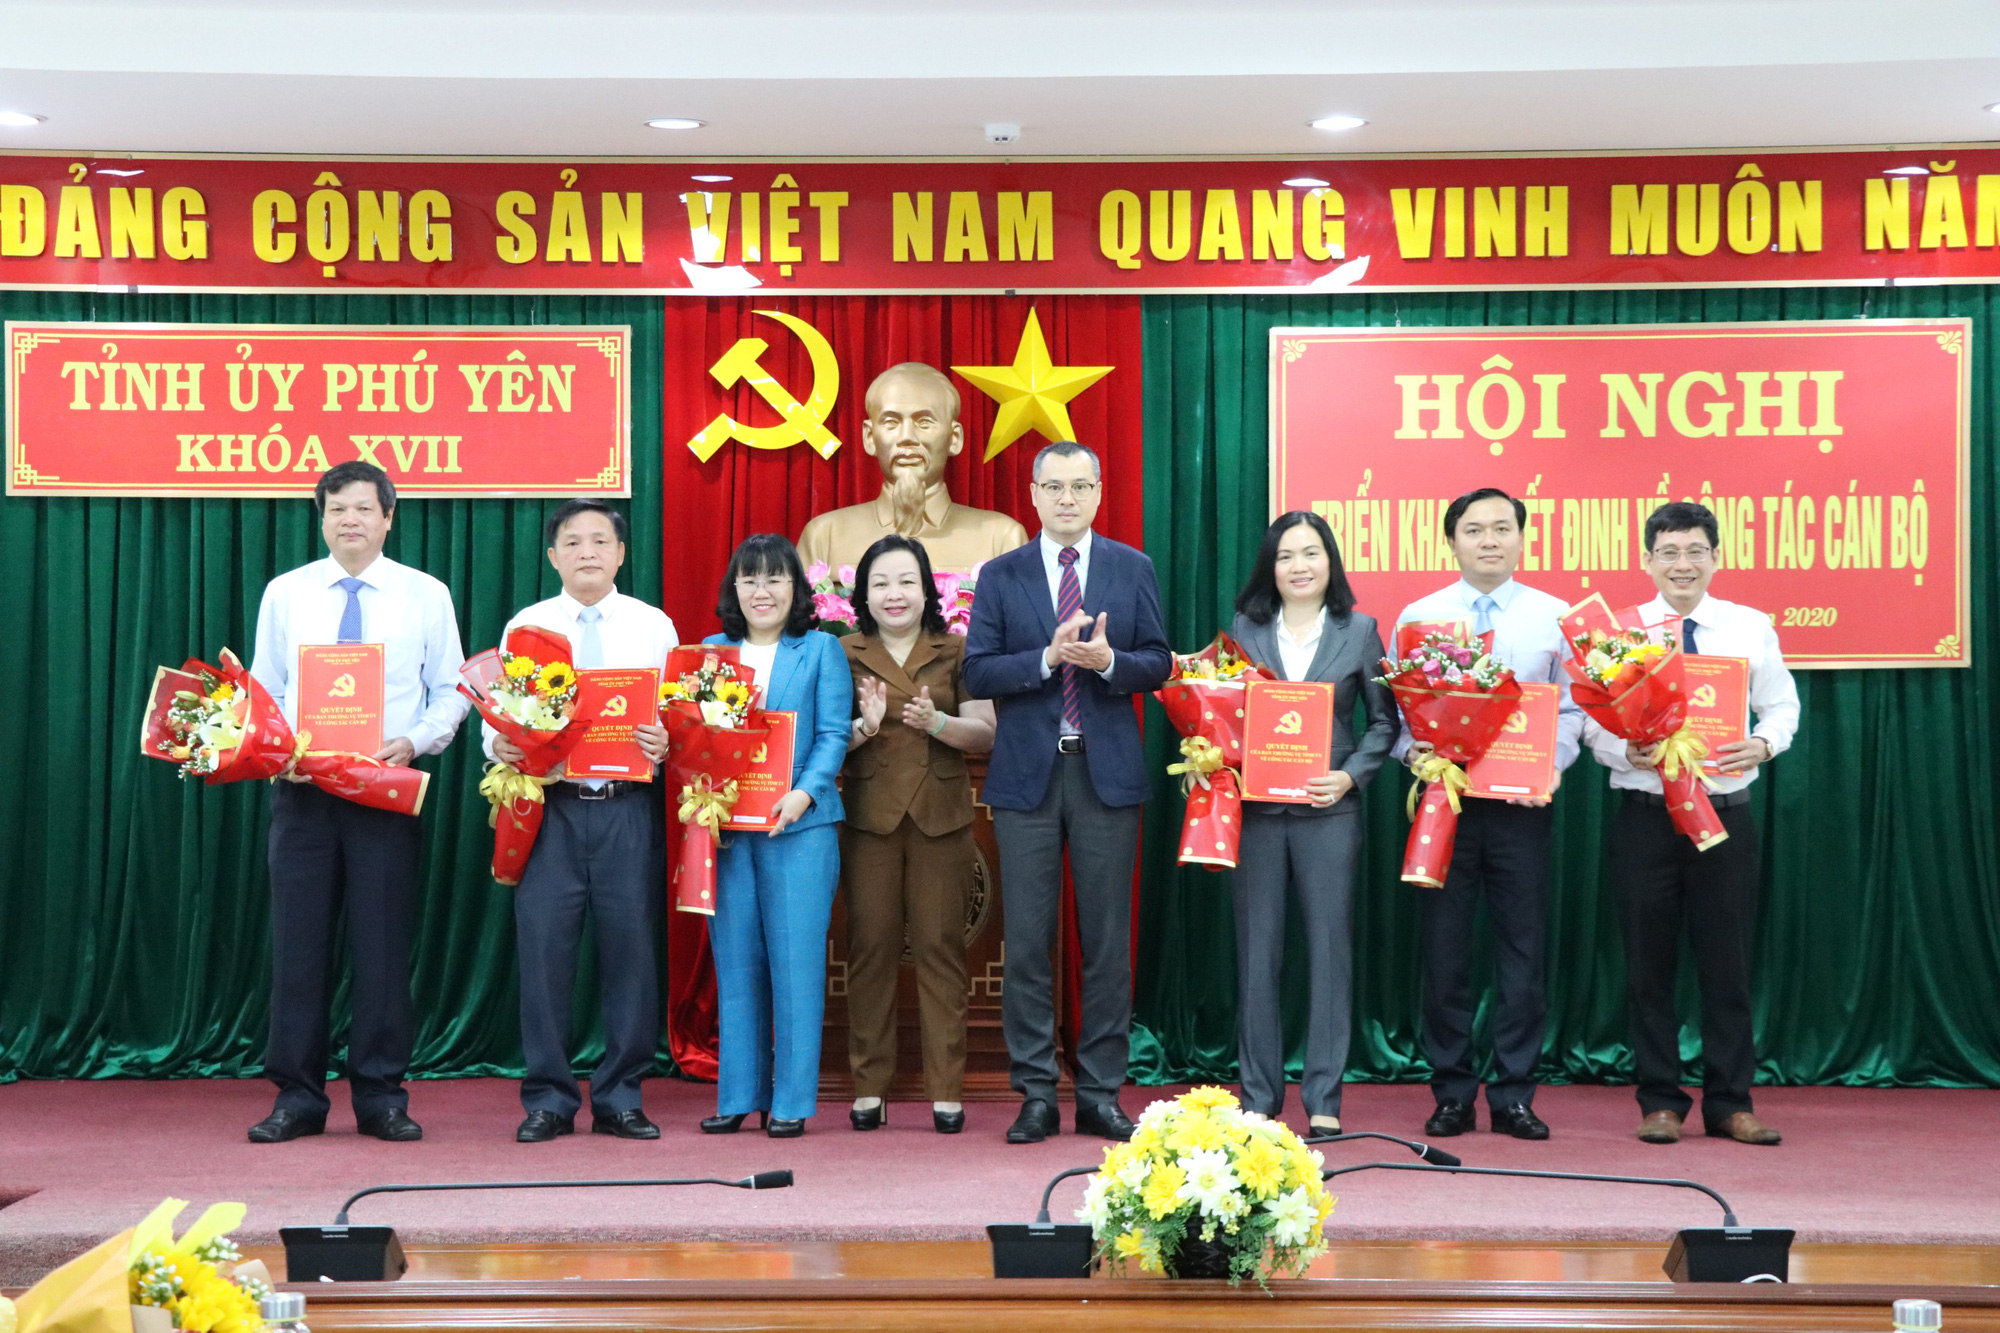 Phú Yên: Điều động, bổ nhiệm 19 nhân sự chủ chốt - Ảnh 1.